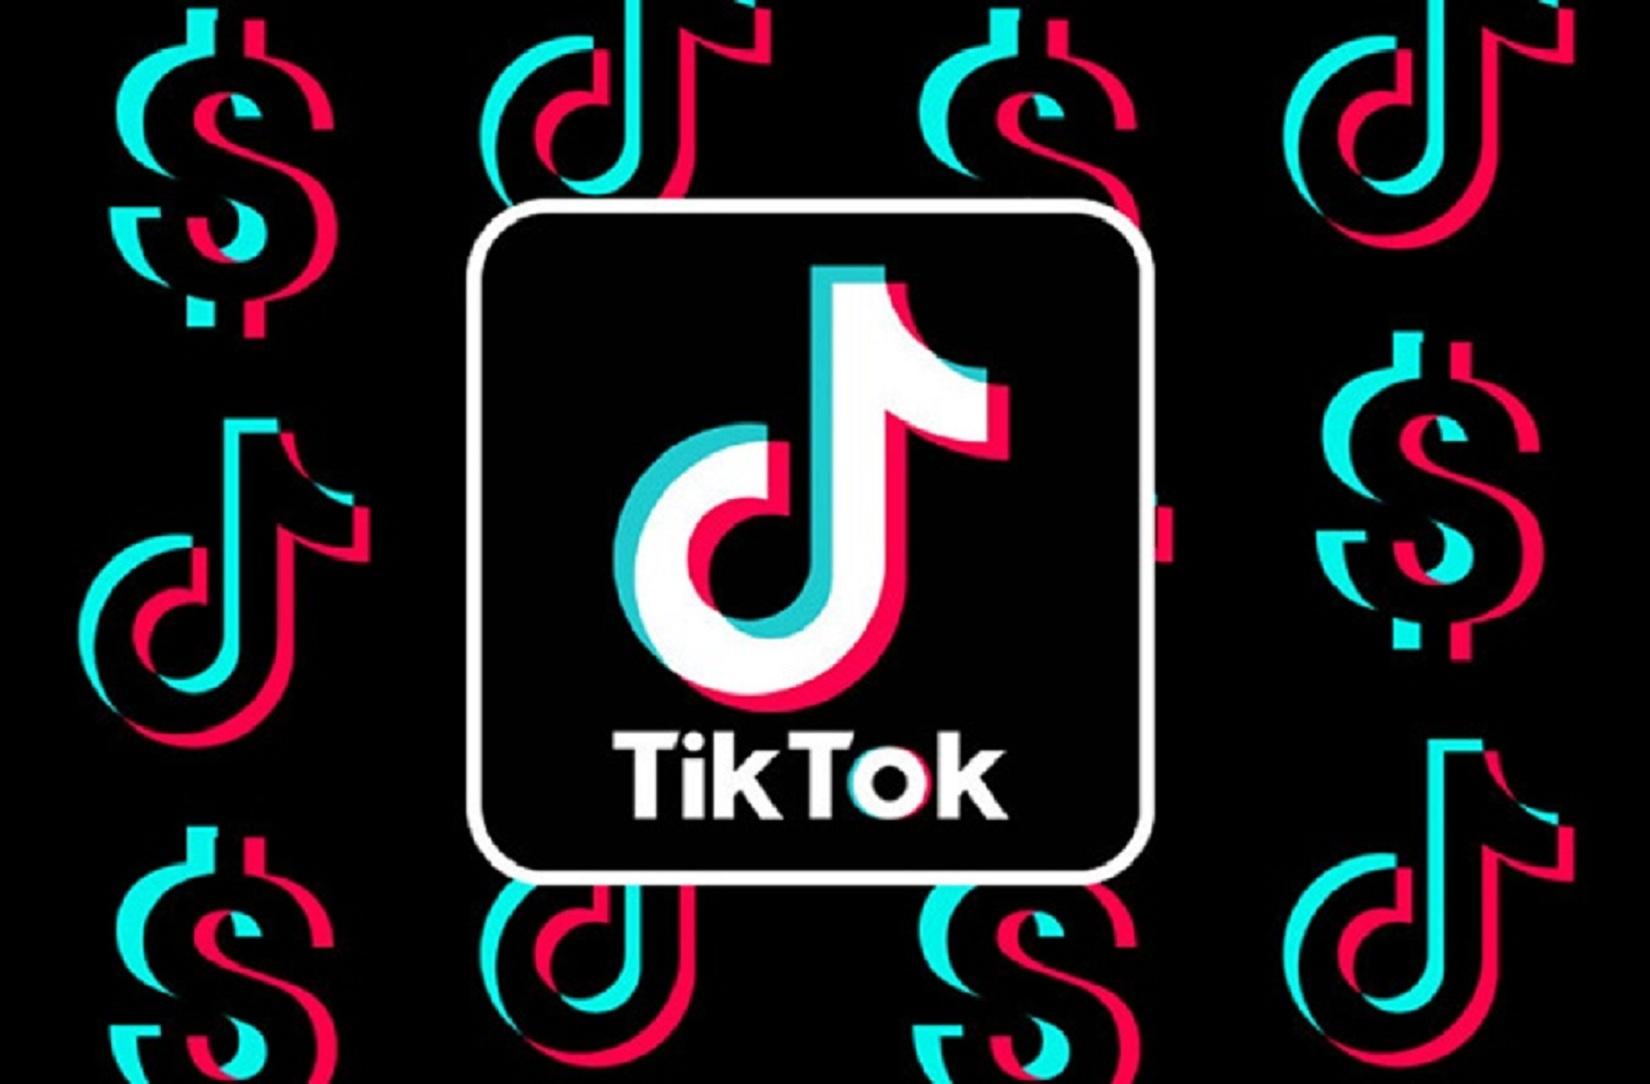 Ganhar dinheiro com o TikTok: veja as possibilidades